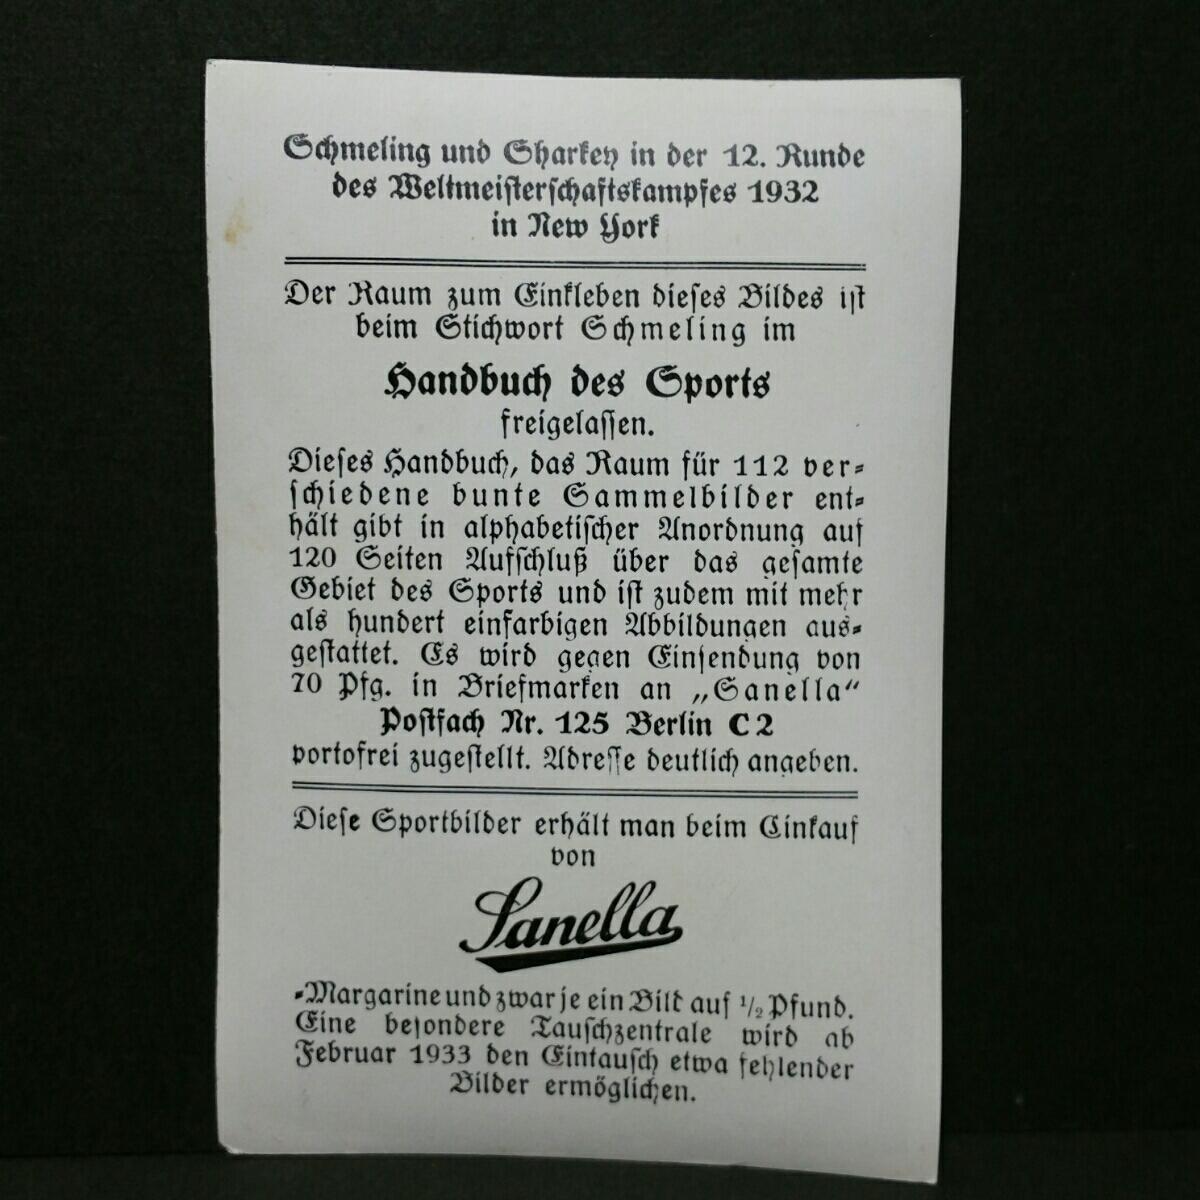 1933 sanella set スポーツカード ボクシング MAX SCHMELING VS JACK SHARKEY/ブロマイド_画像2